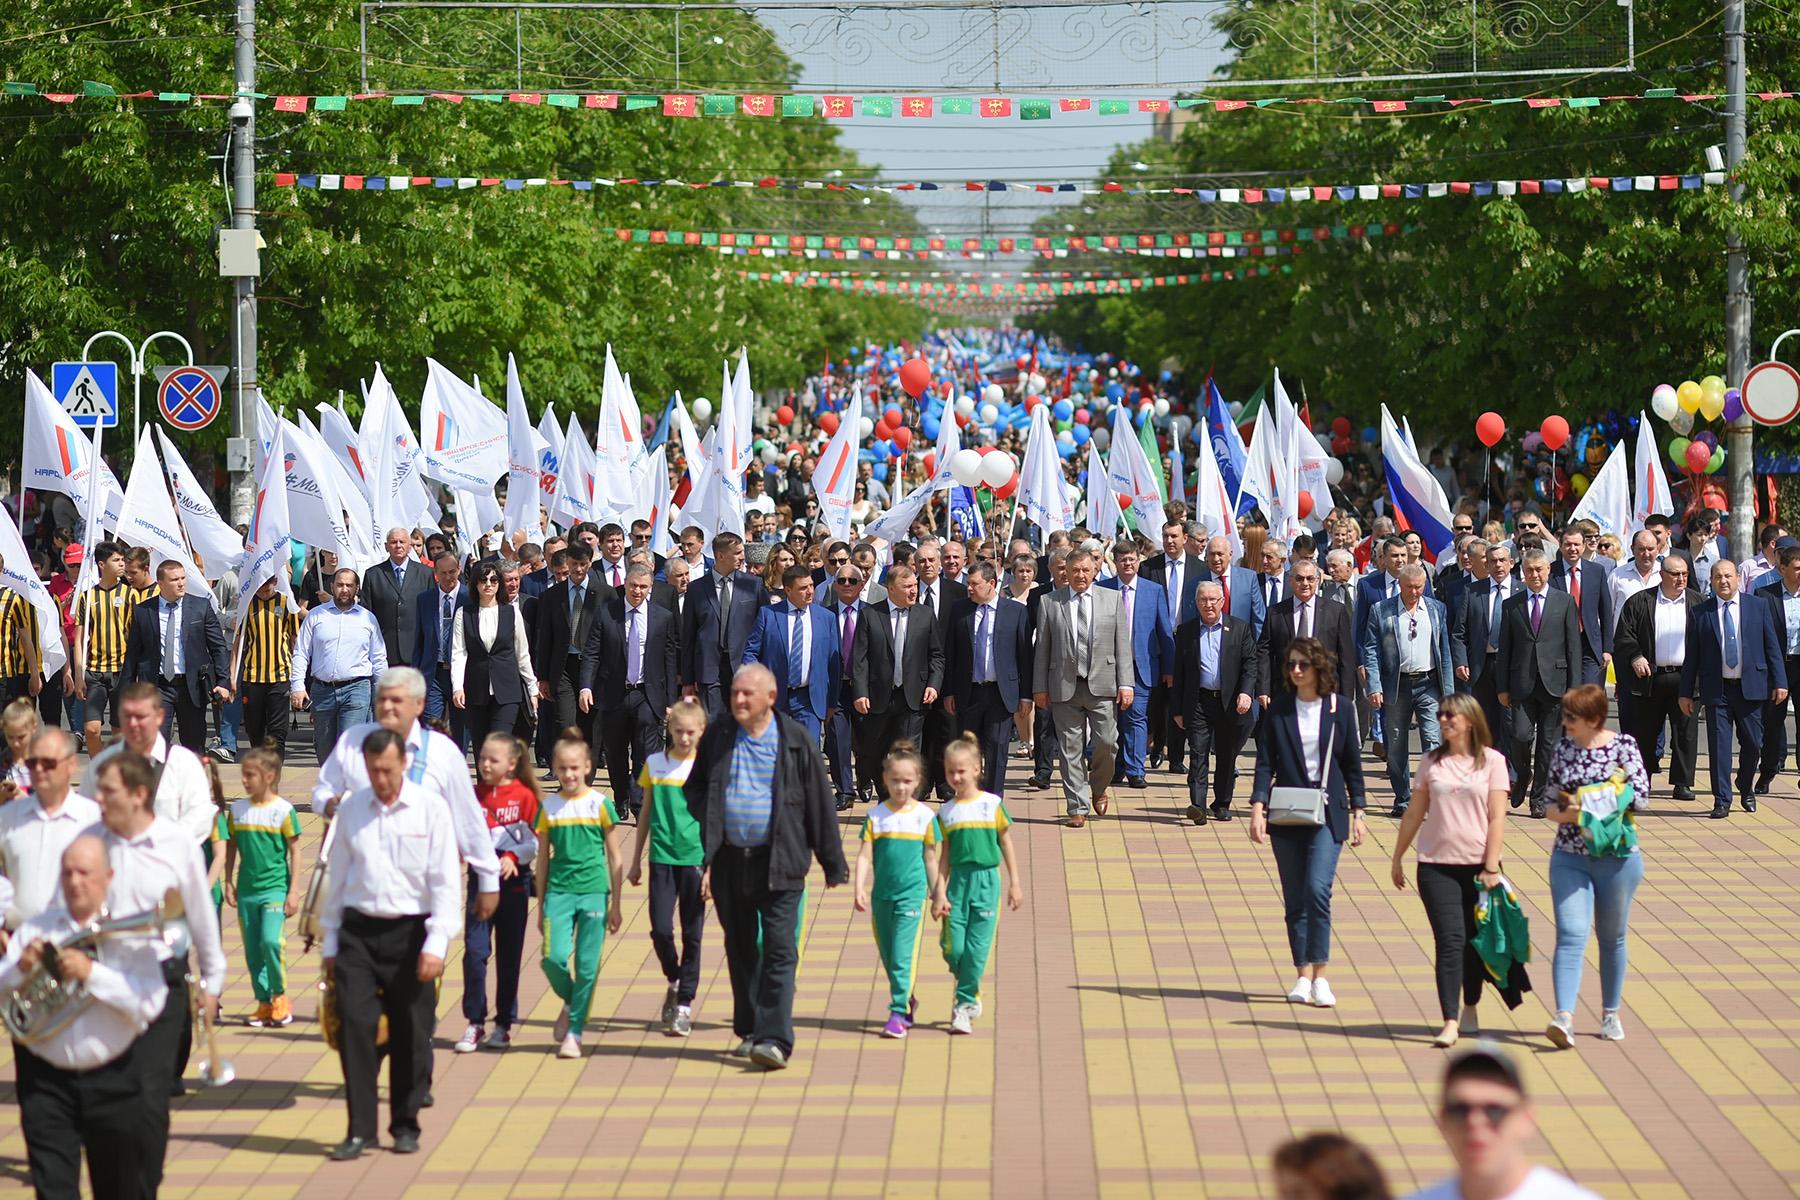 Более 7 тысяч человек приняло участие в праздничной демонстрации в столице Адыгеи